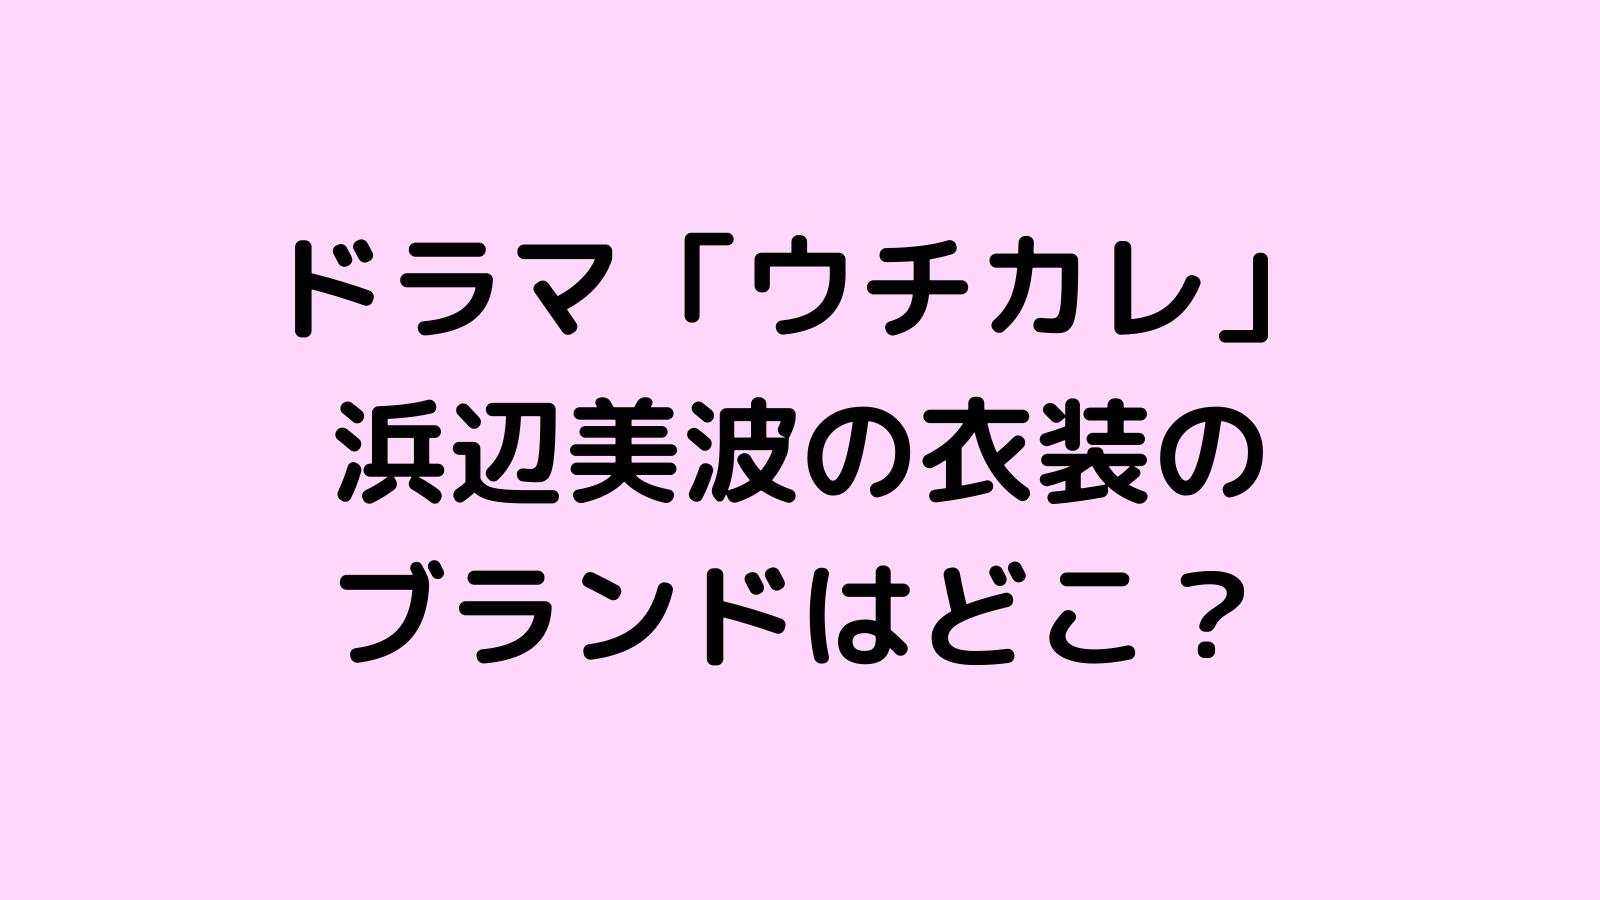 ドラマ「ウチカレ」浜辺美波の衣装のブランドはどこ?メガネやコートなどアイテムをチェック!